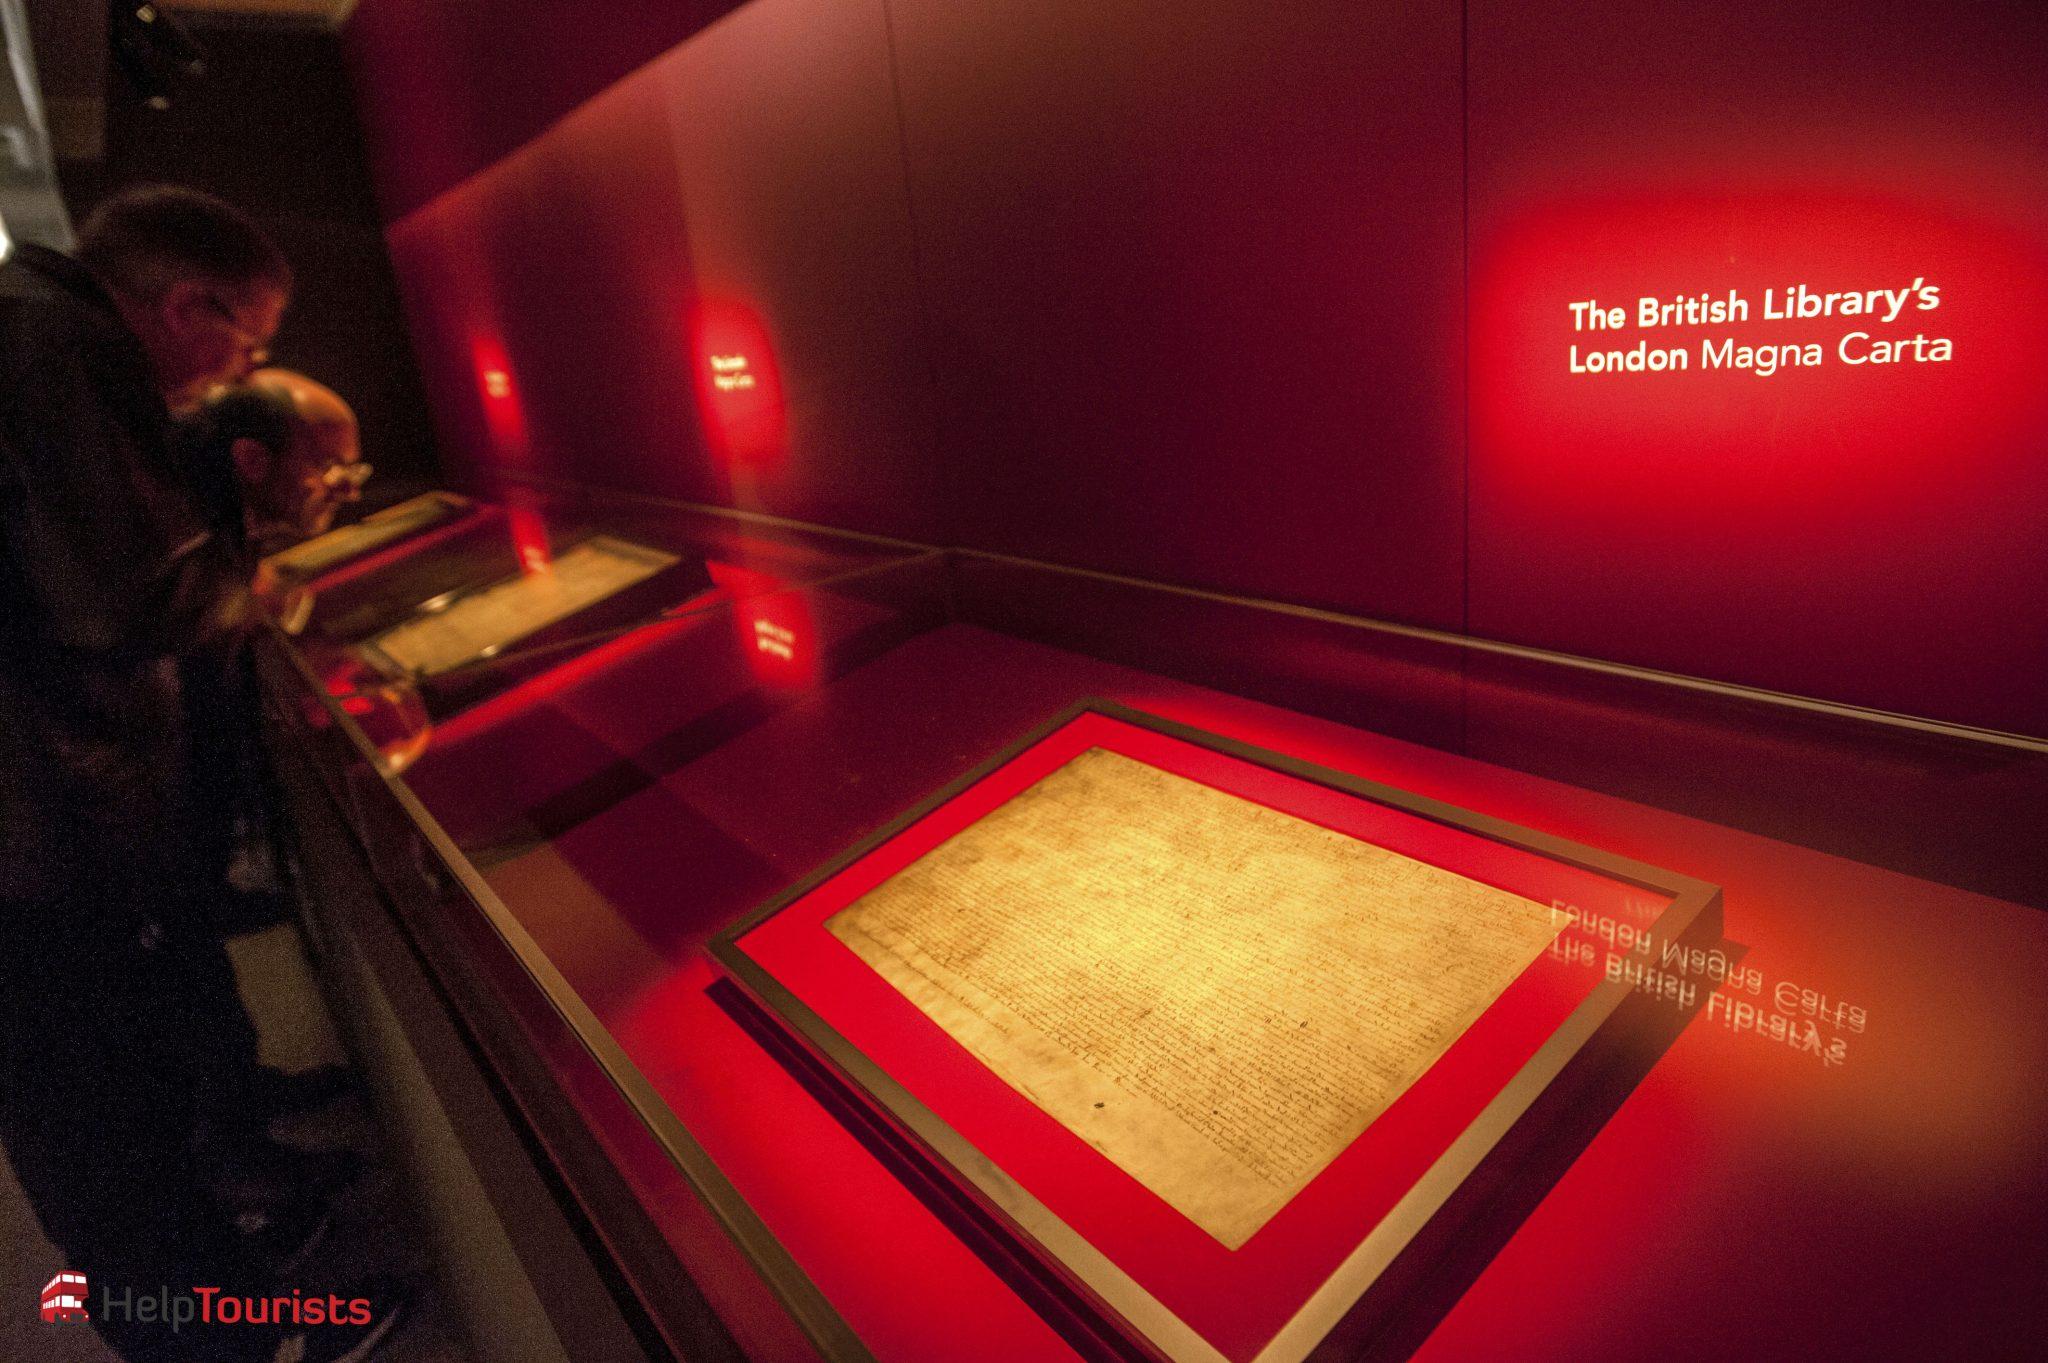 London kostenlos British Library Treasure Gallery